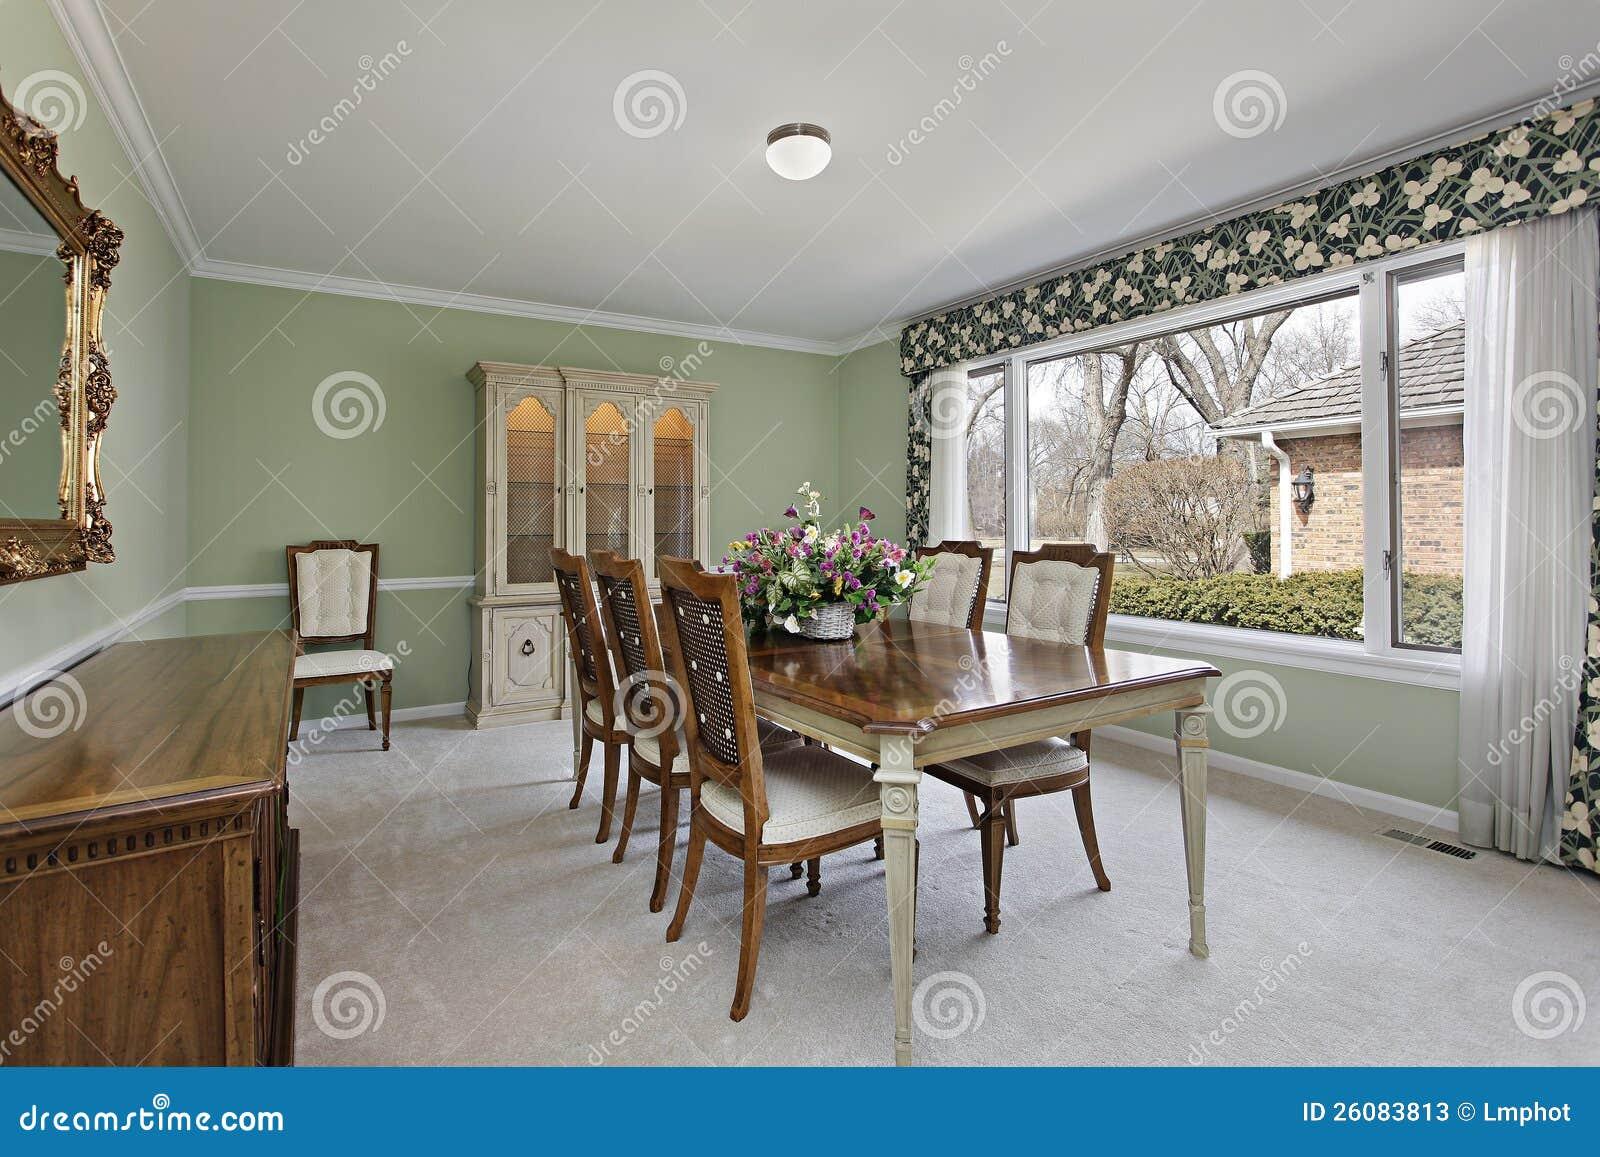 Sala Da Pranzo Nella Casa Tradizionale Con Le Pareti Di Verde Di Calce #82A328 1300 957 Sala Da Pranzo Dell'antica Casa Romana